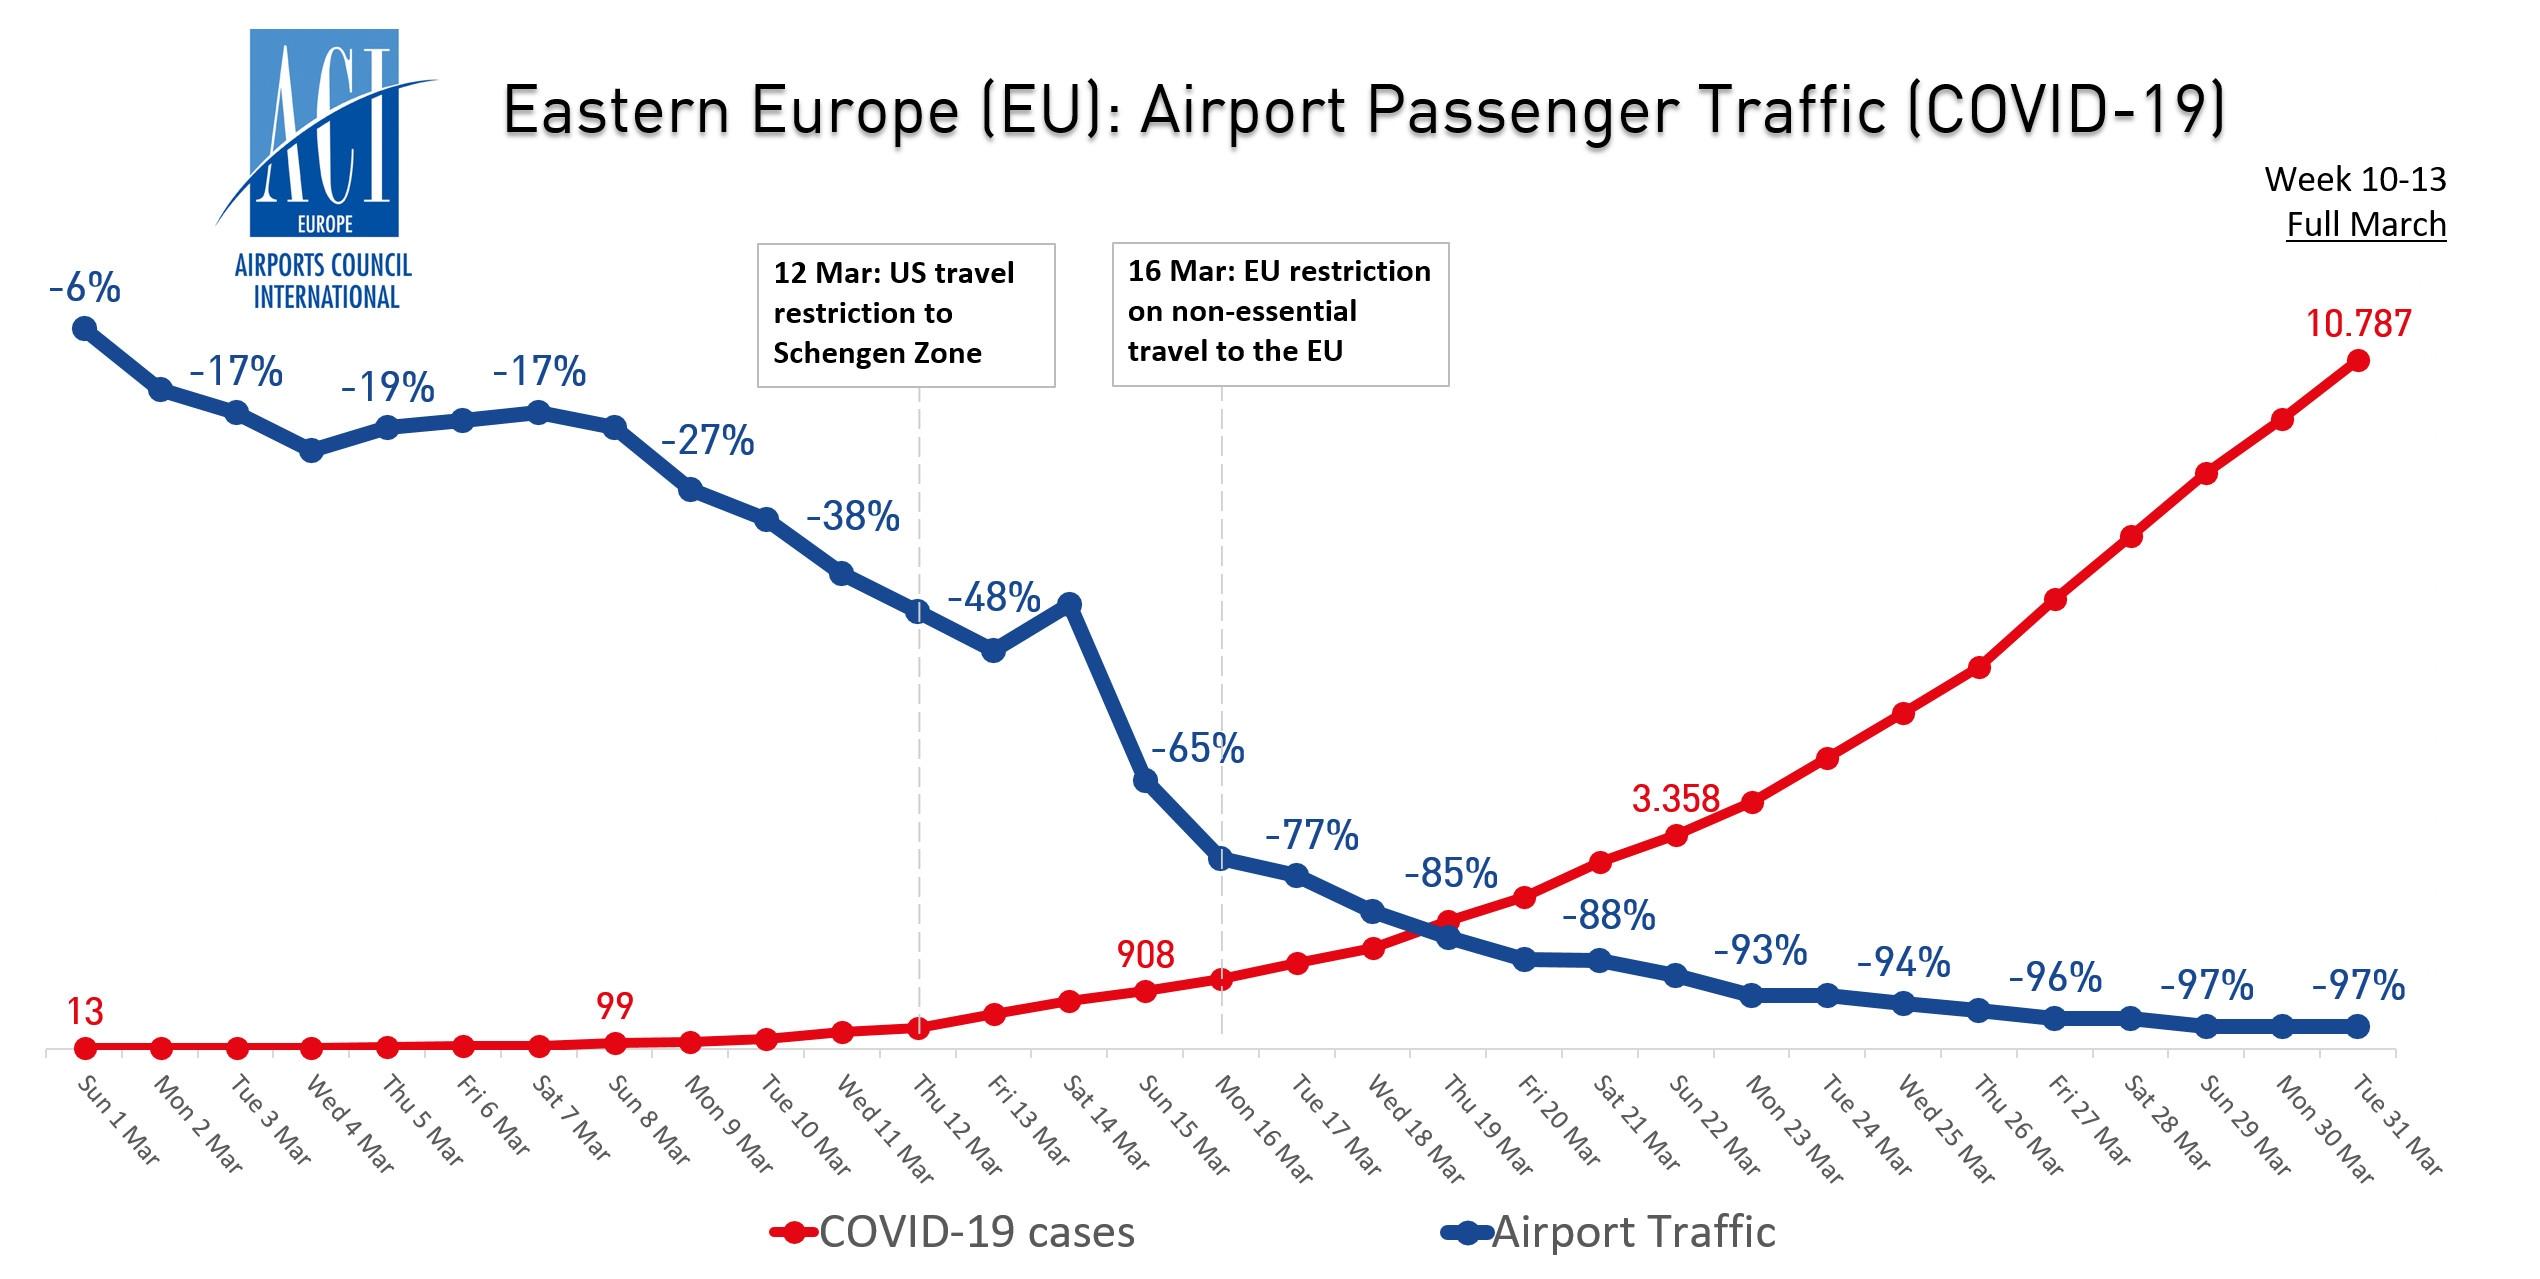 东欧机场客流量与新冠病毒病例走势图